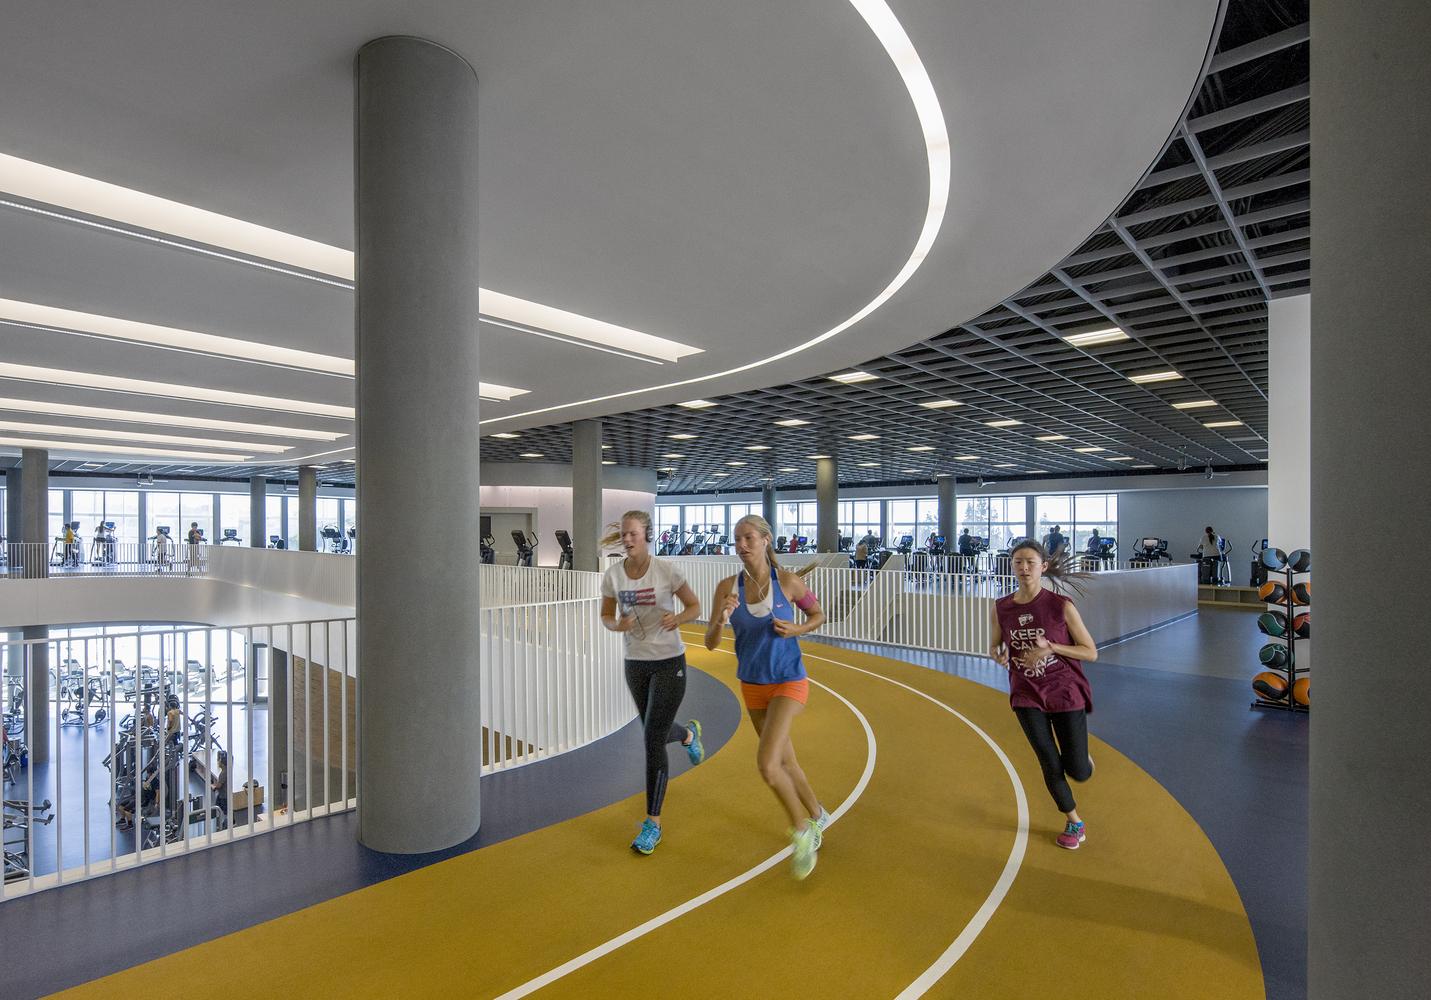 Дизайн спортивного комплекса – Пробежка на втором этаже